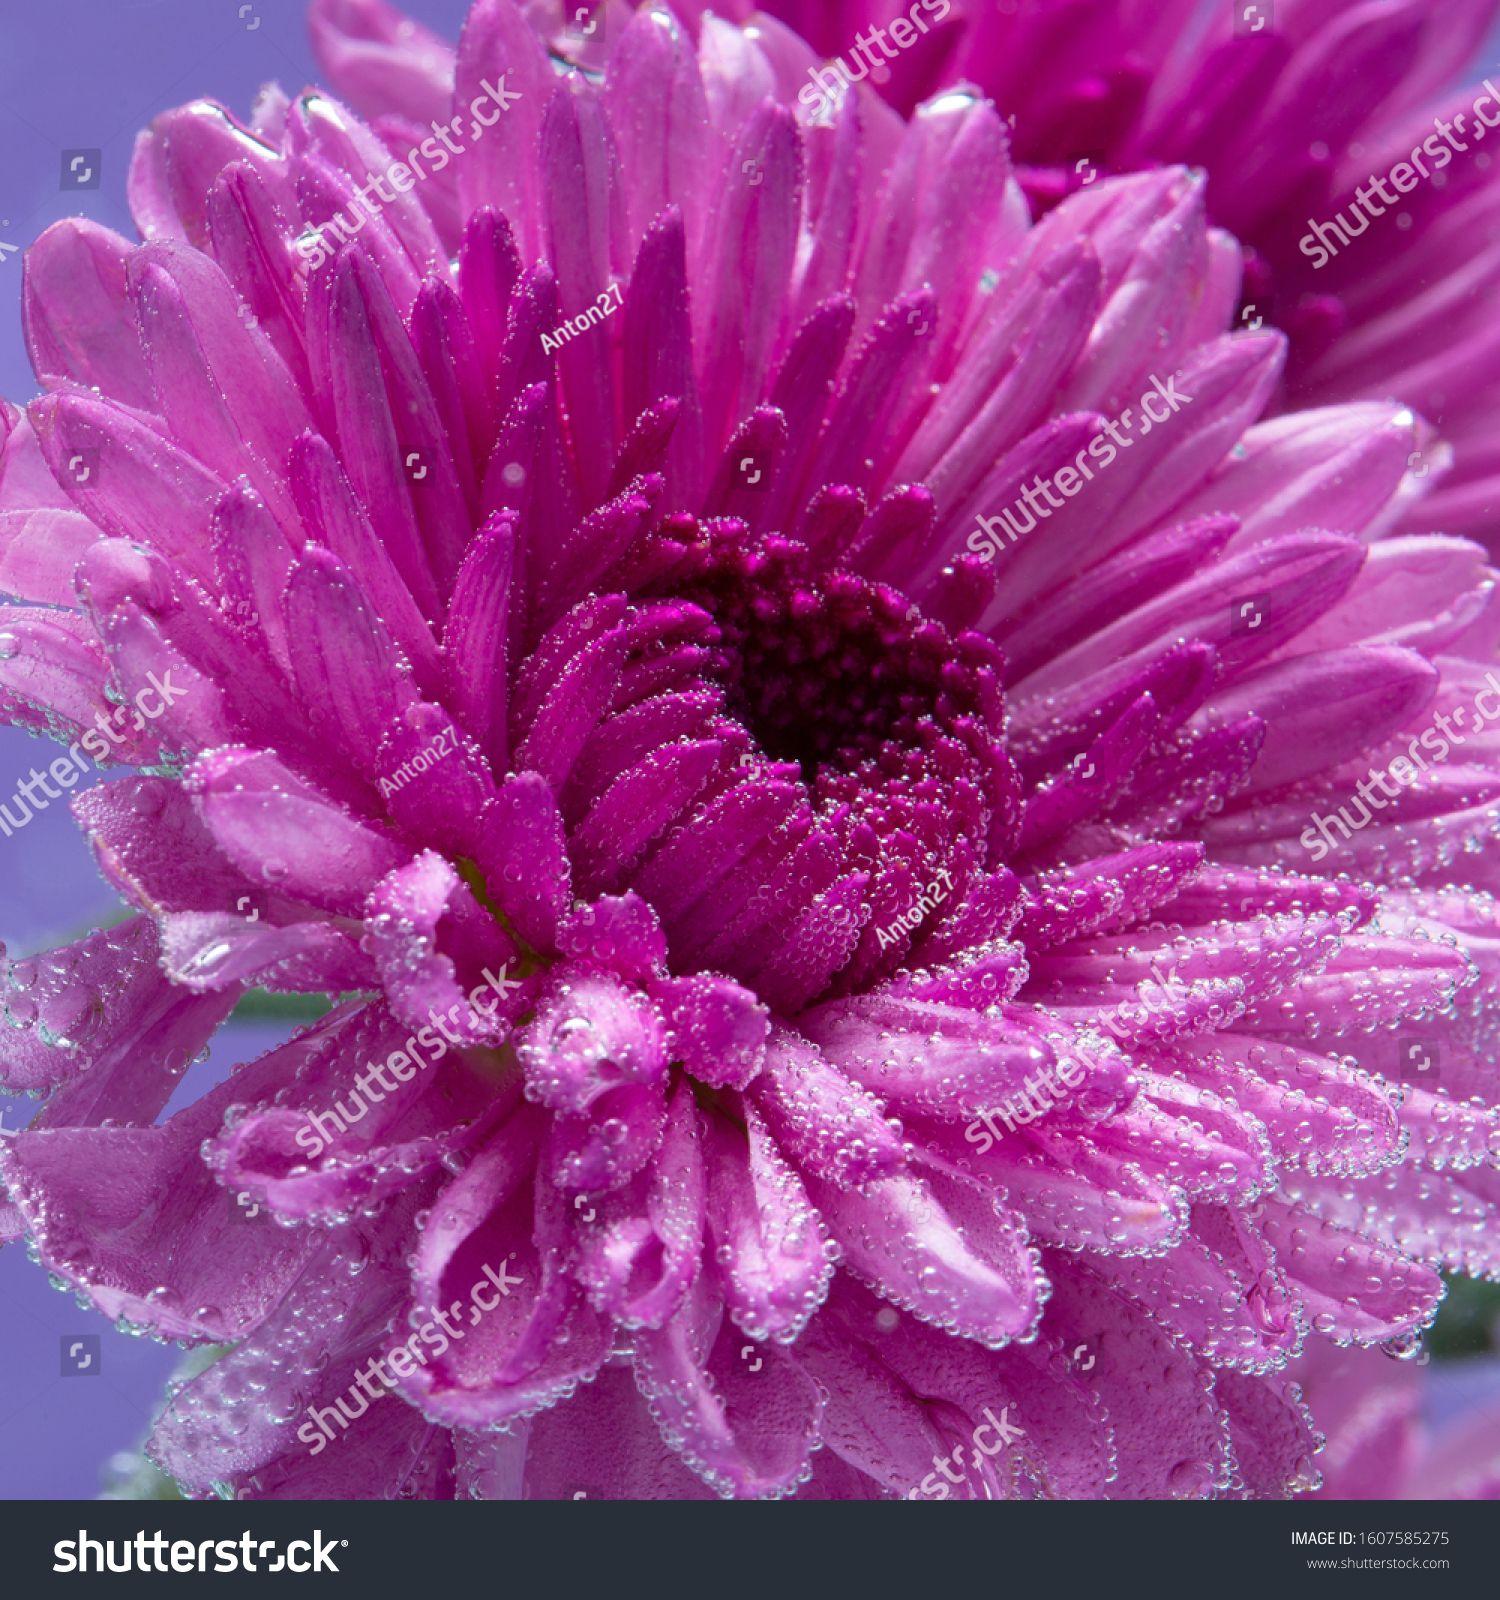 Purple Chrysanthemum Flower Underwater Space Royalty Free Image Photo In 2020 Chrysanthemum Flower Chrysanthemum Flowers